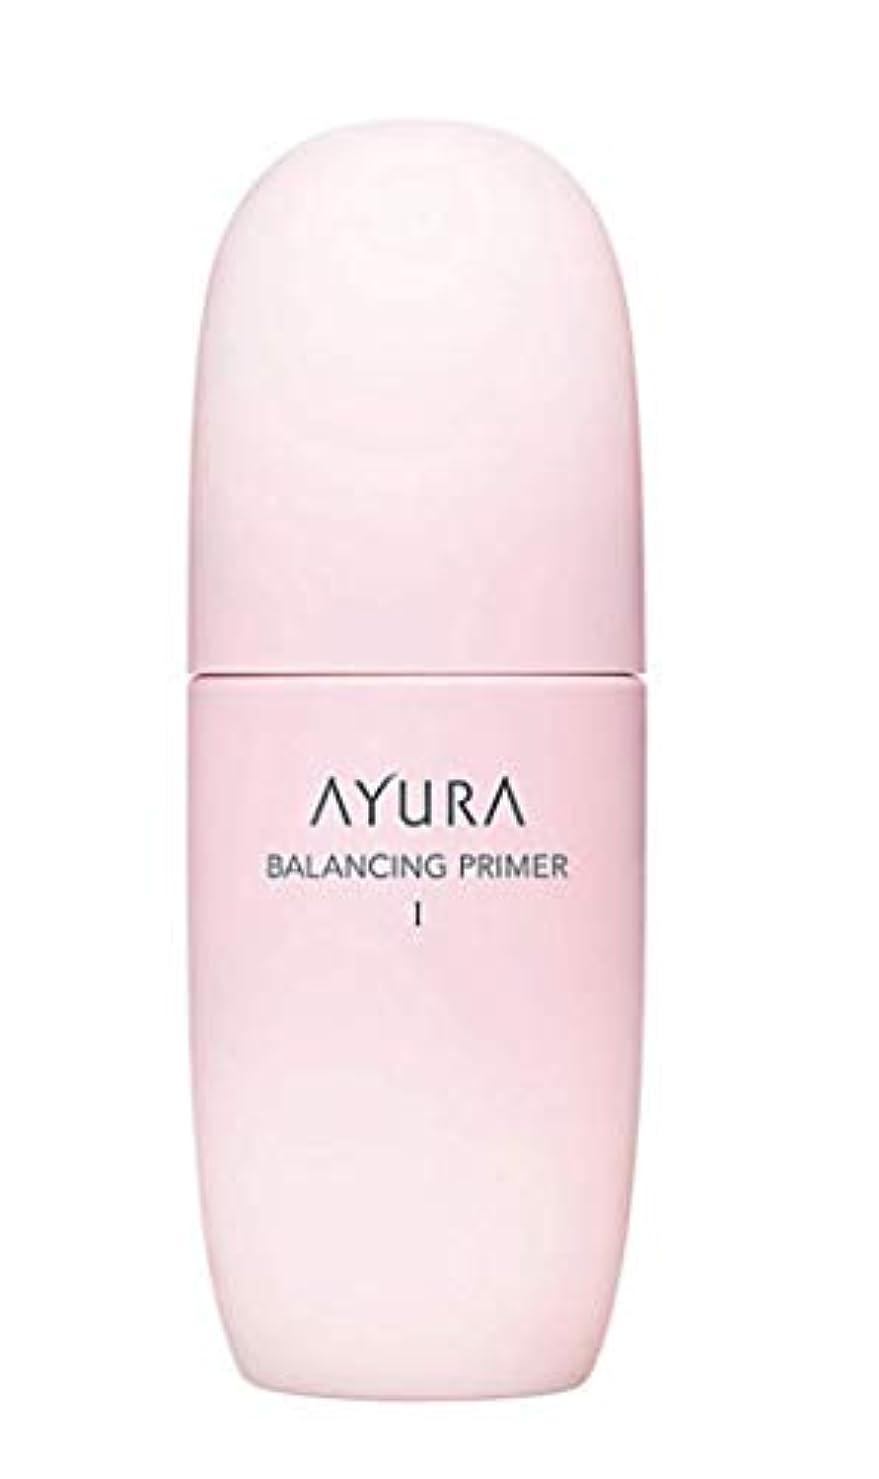 スポット打ち上げるグリル【AYURA(アユーラ)】バランシングプライマー I_100mL(化粧液)